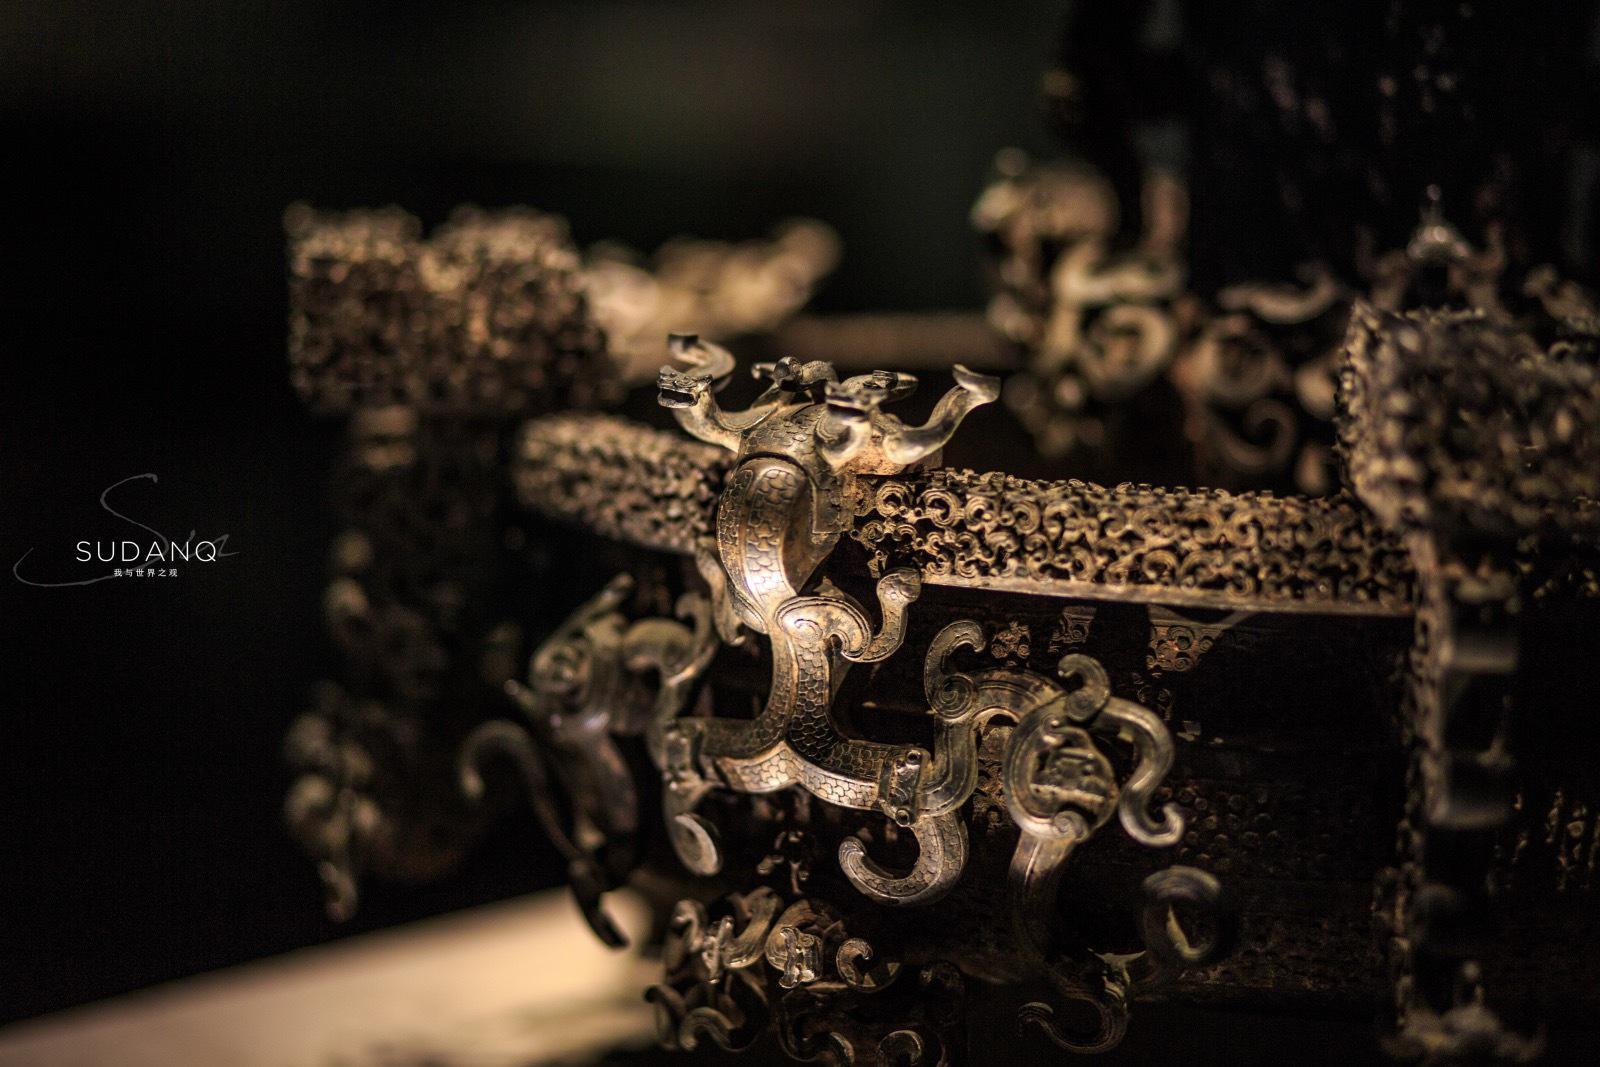 之湖北省博物馆:曾侯乙尊盘 其物纹饰繁缛,穷极富丽……